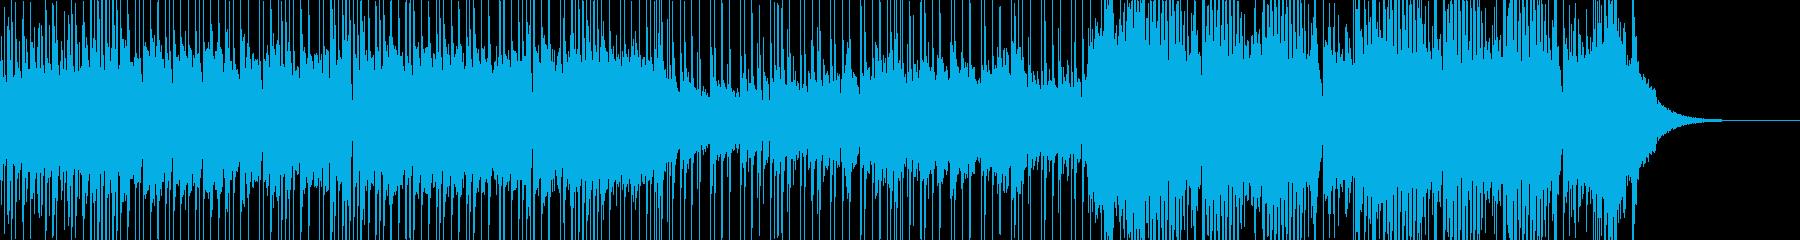 シリアス系のロックビート曲の再生済みの波形